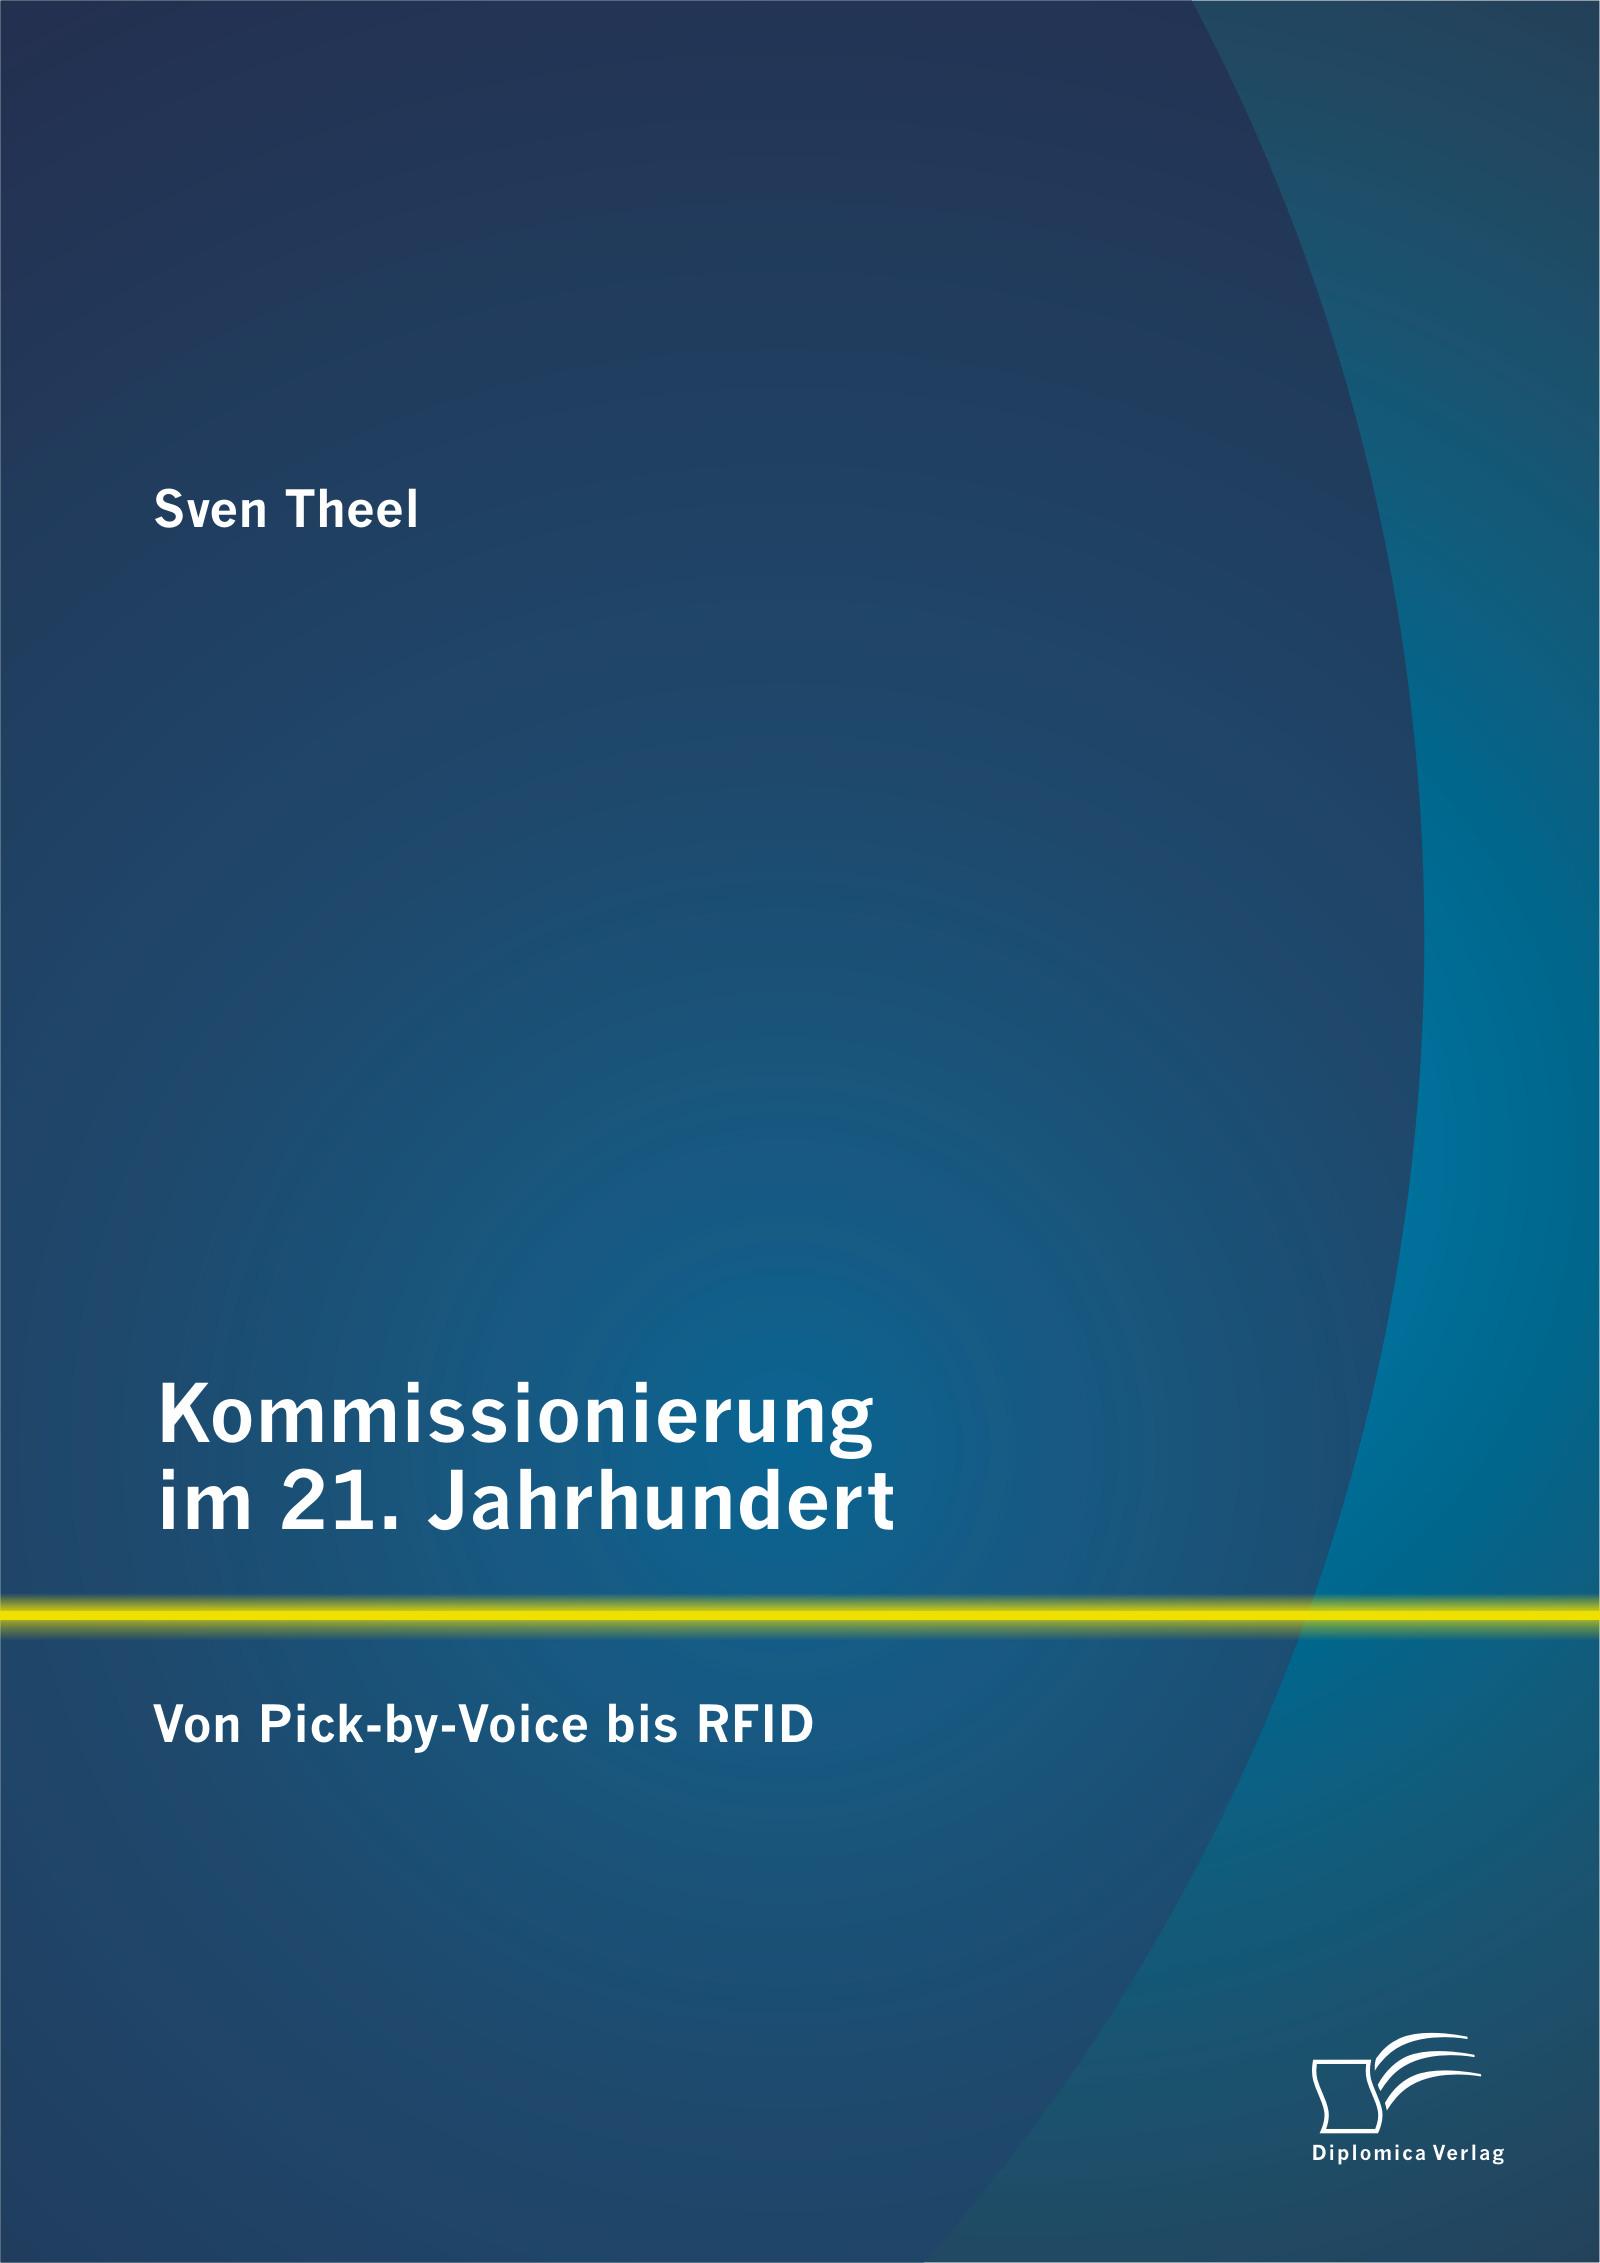 Kommissionierung im 21. Jahrhundert: Von Pick-by-Voice bis RFID Sven Theel